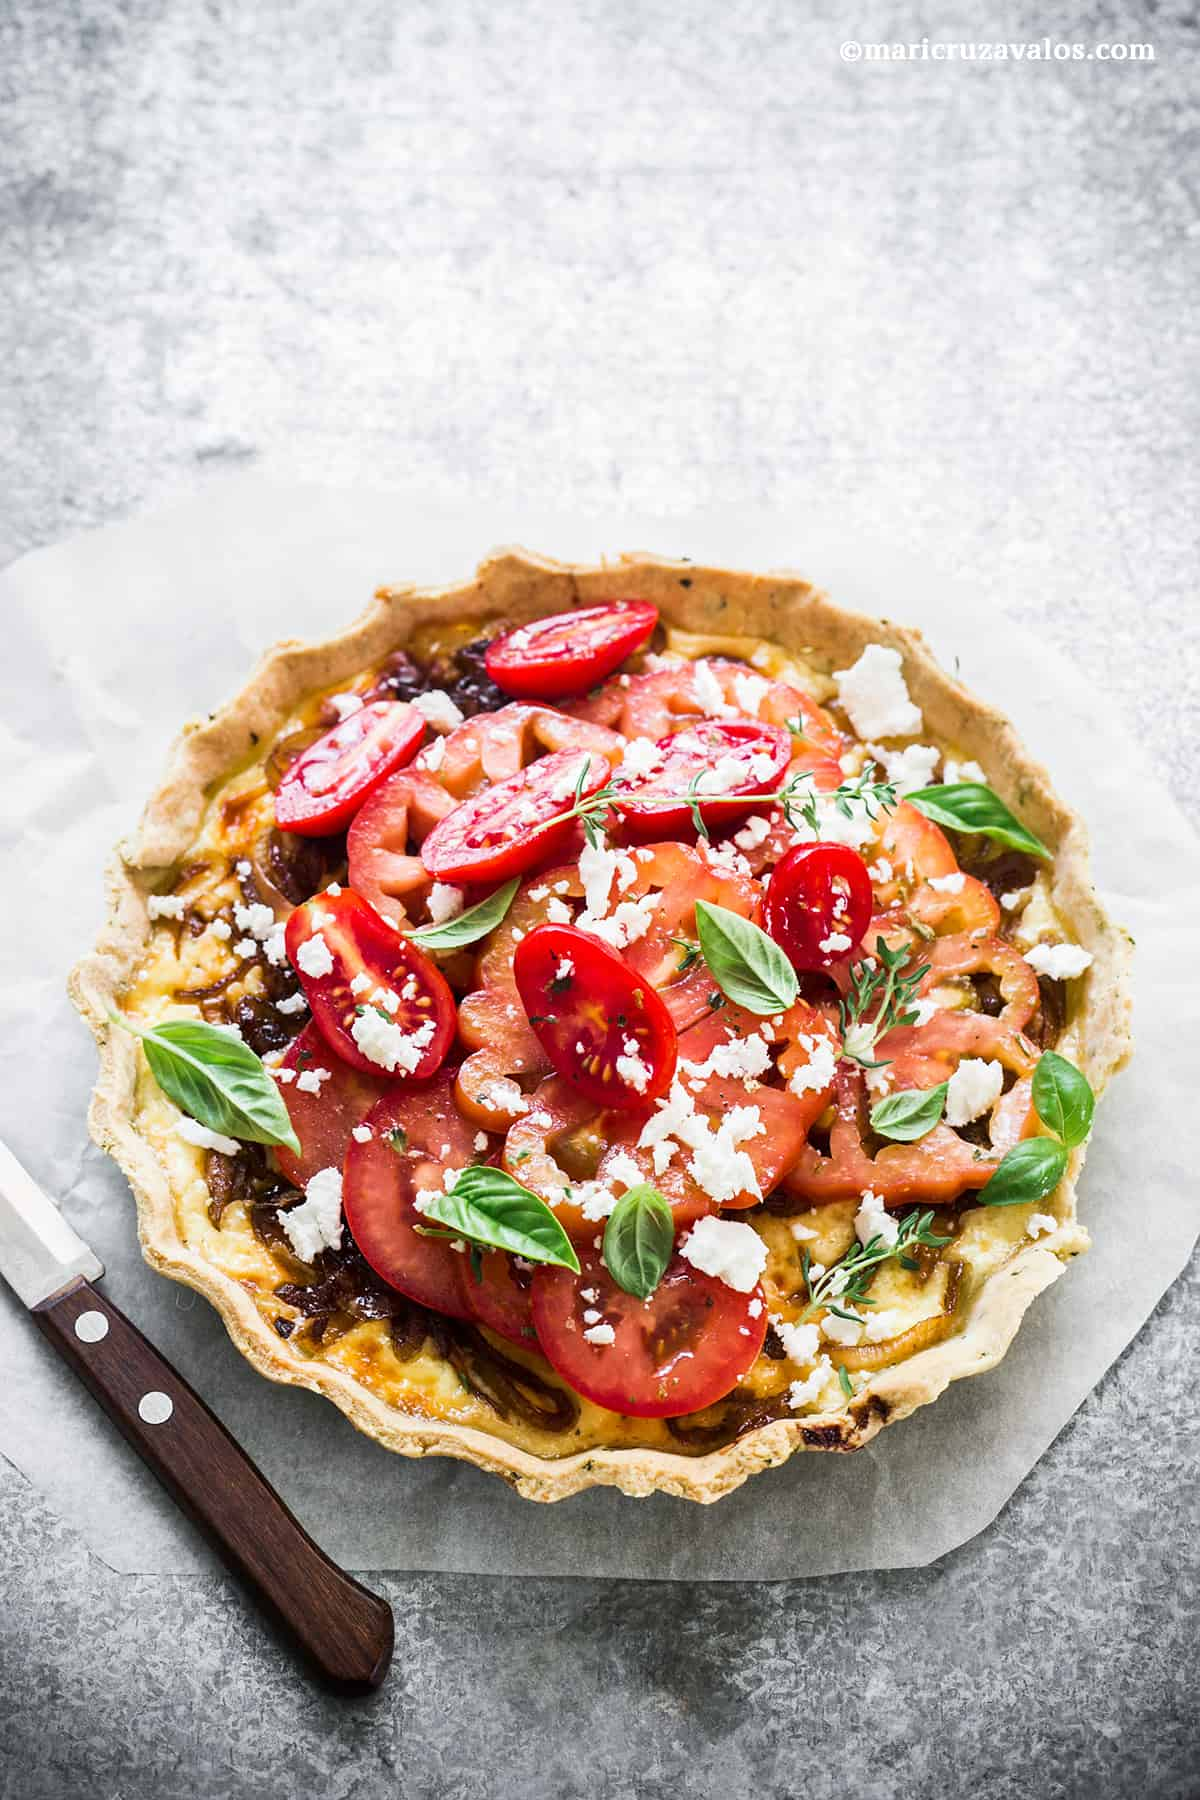 Tarta Rústica de Queso, Tomates y Cebollas caramelizadas